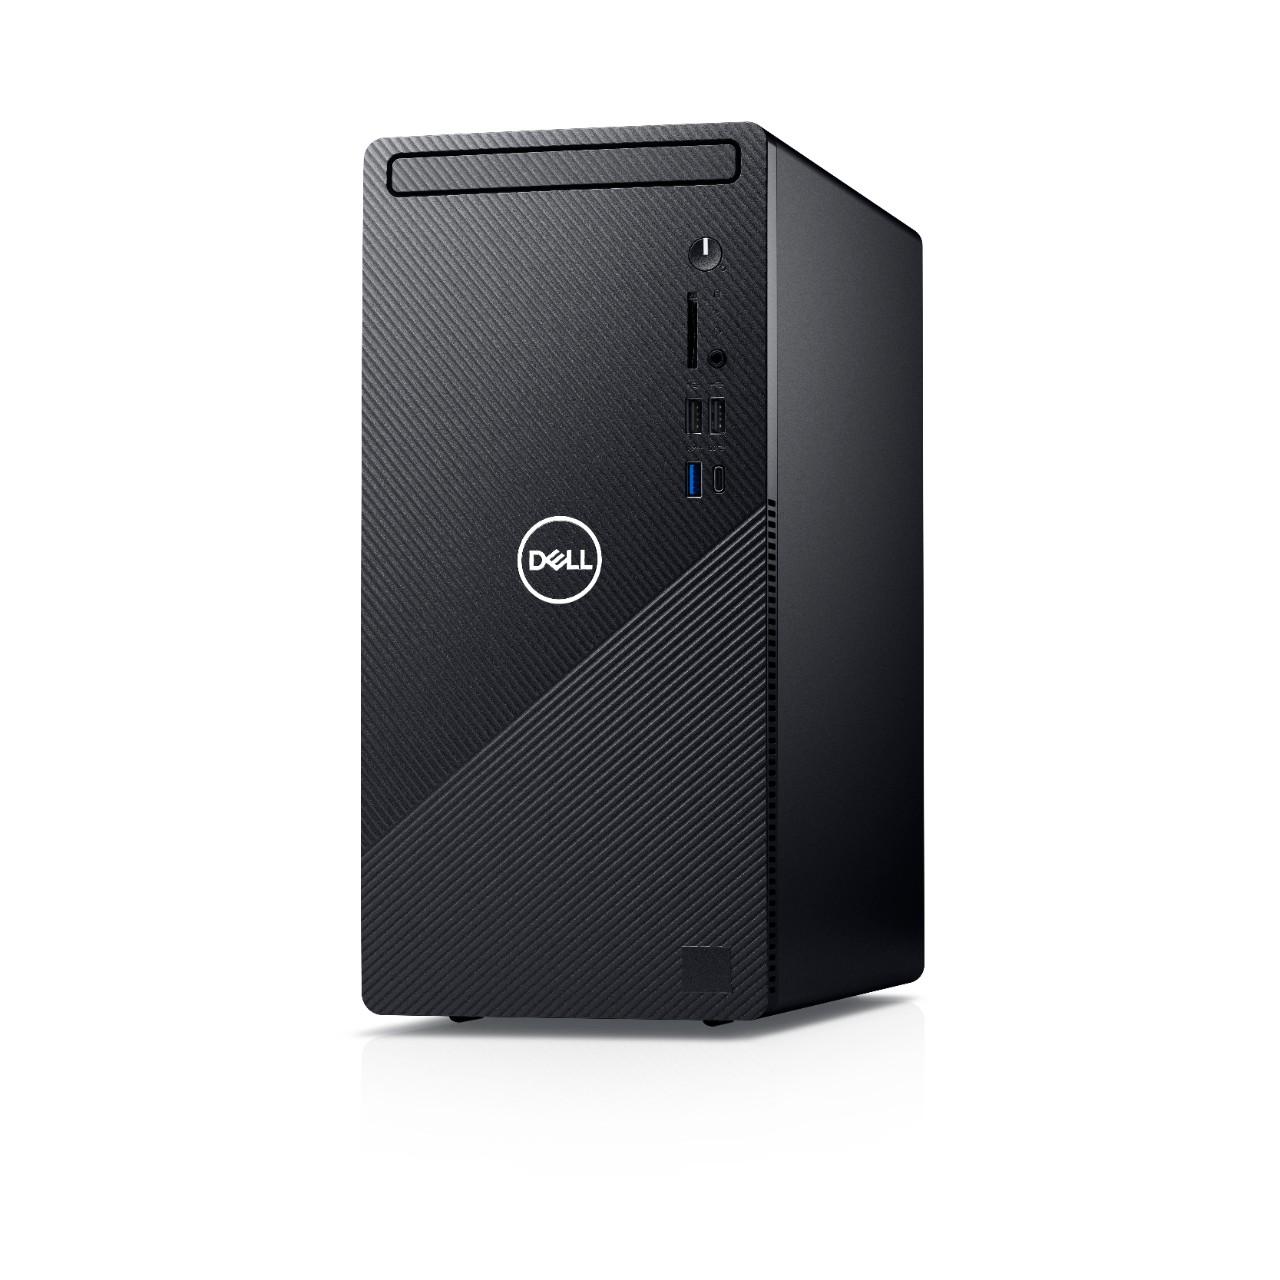 Dell Inspiron DT 3891 i5-10400/8GB/512GB/DVD/W10Home/2RNBD/Černý - D-3891-N2-503K